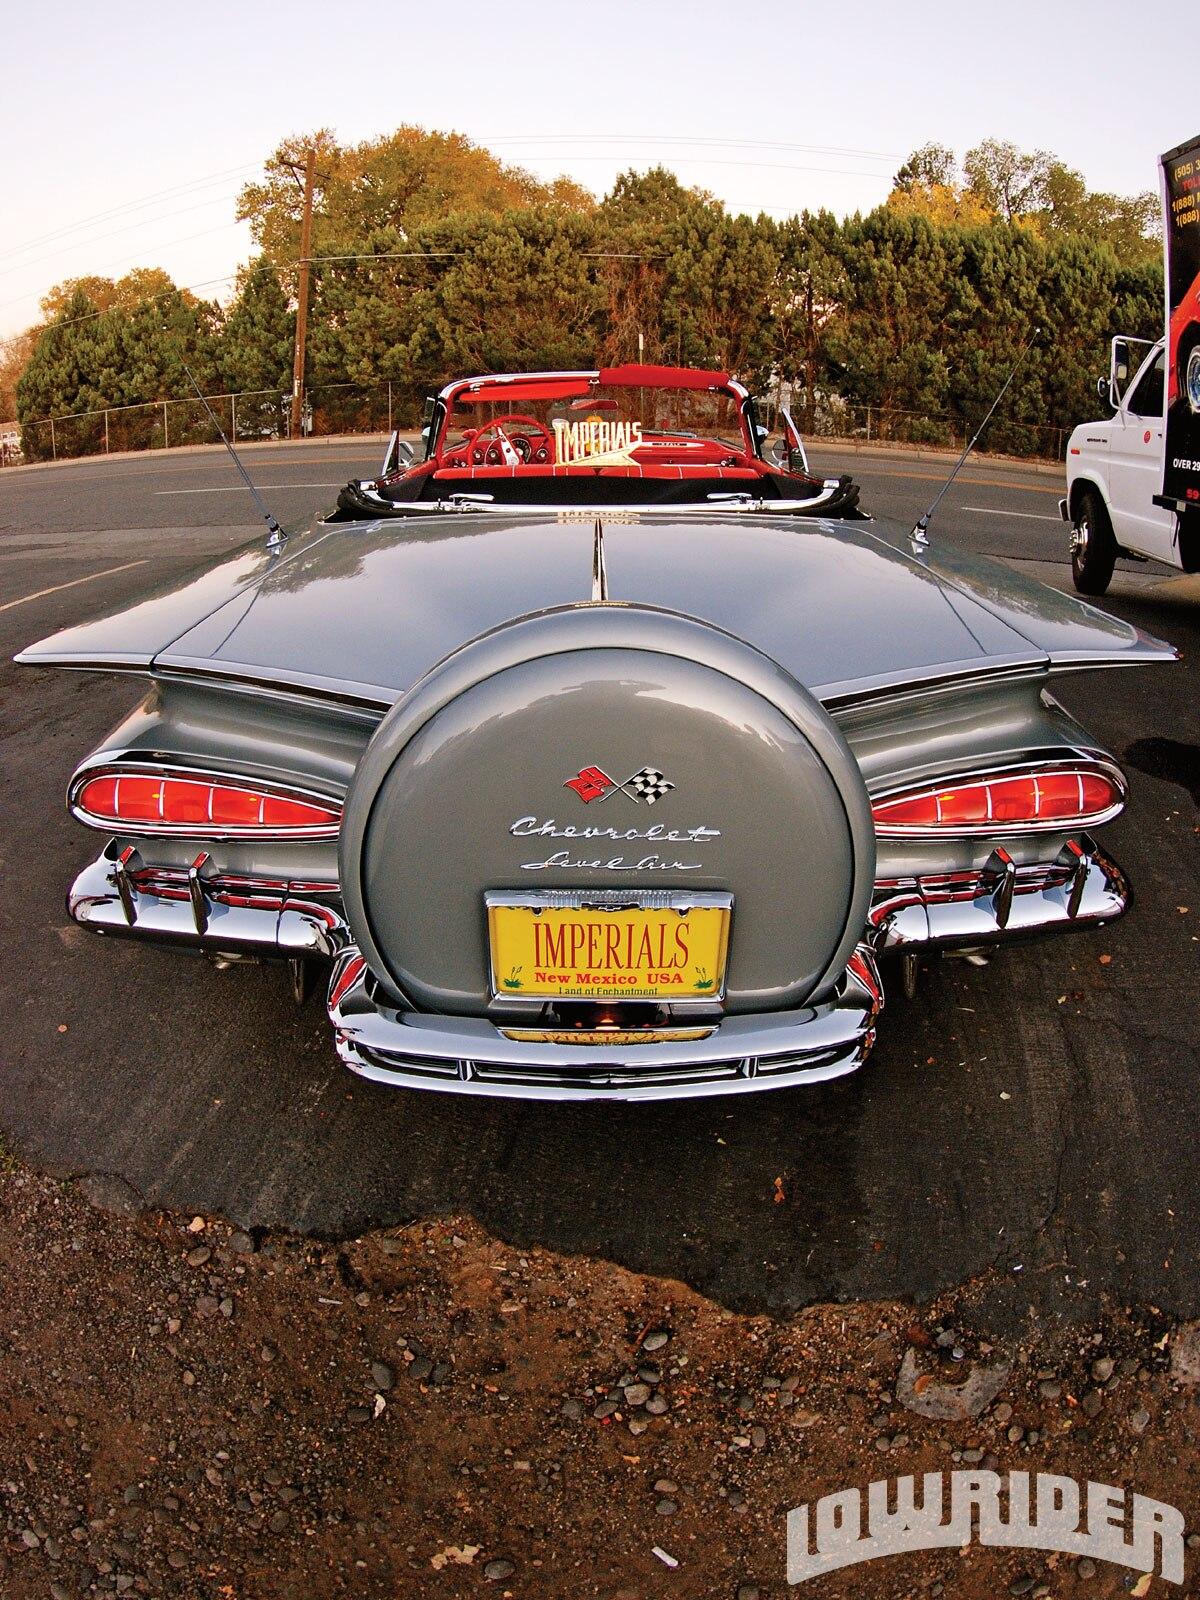 1009-lrmp-02-z-1959-chevrolet-impala-rear-view1